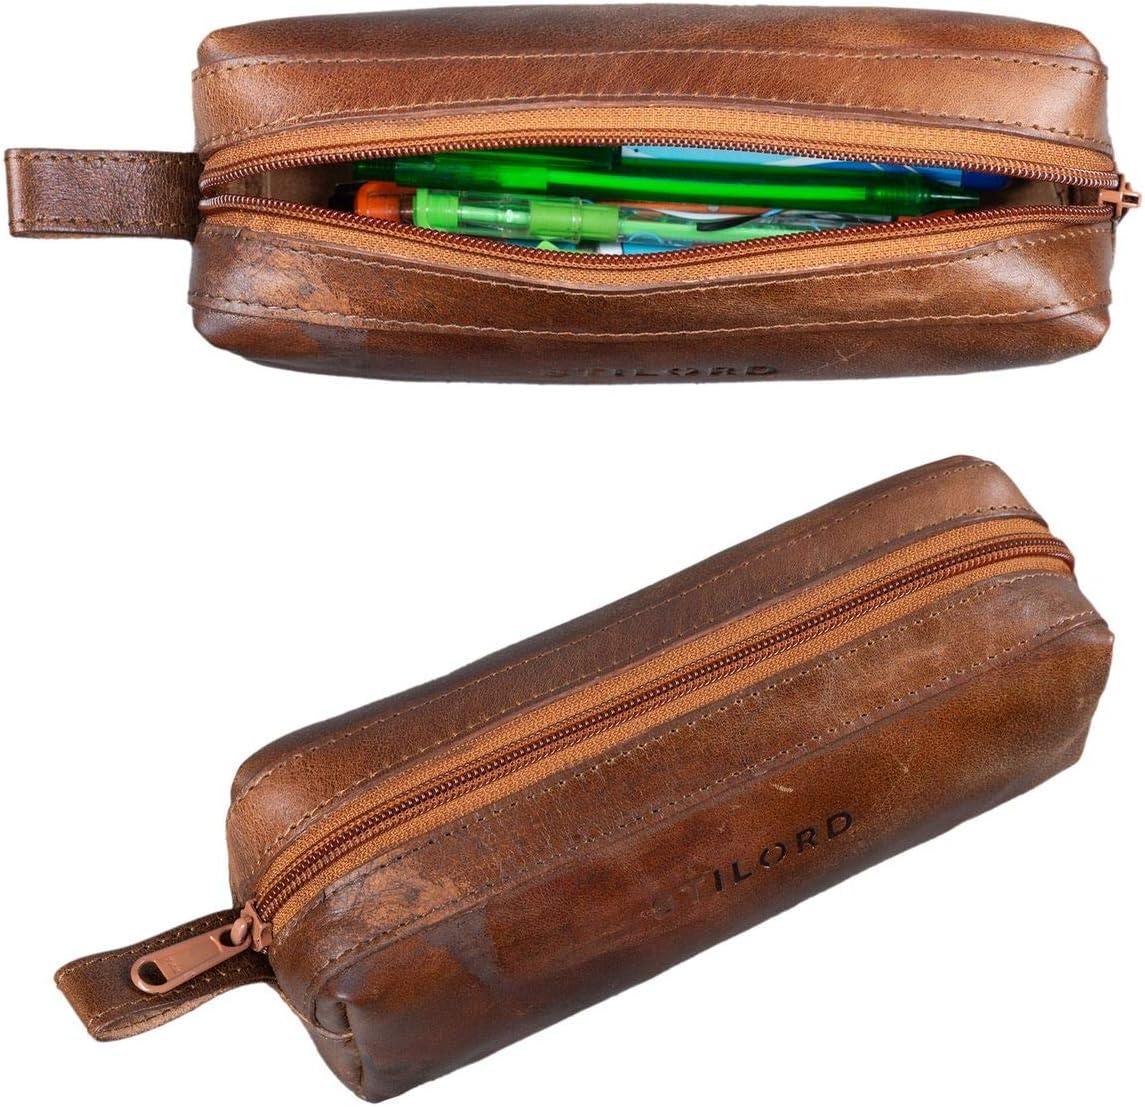 Color:Chocolate marr/ón STILORD Linus Estuche Escolar para l/ápices de Piel Bolsa o portatodo para Maquillaje Colegio o Viaje Cartuchera Cuadrada de Genuino Cuero Vintage